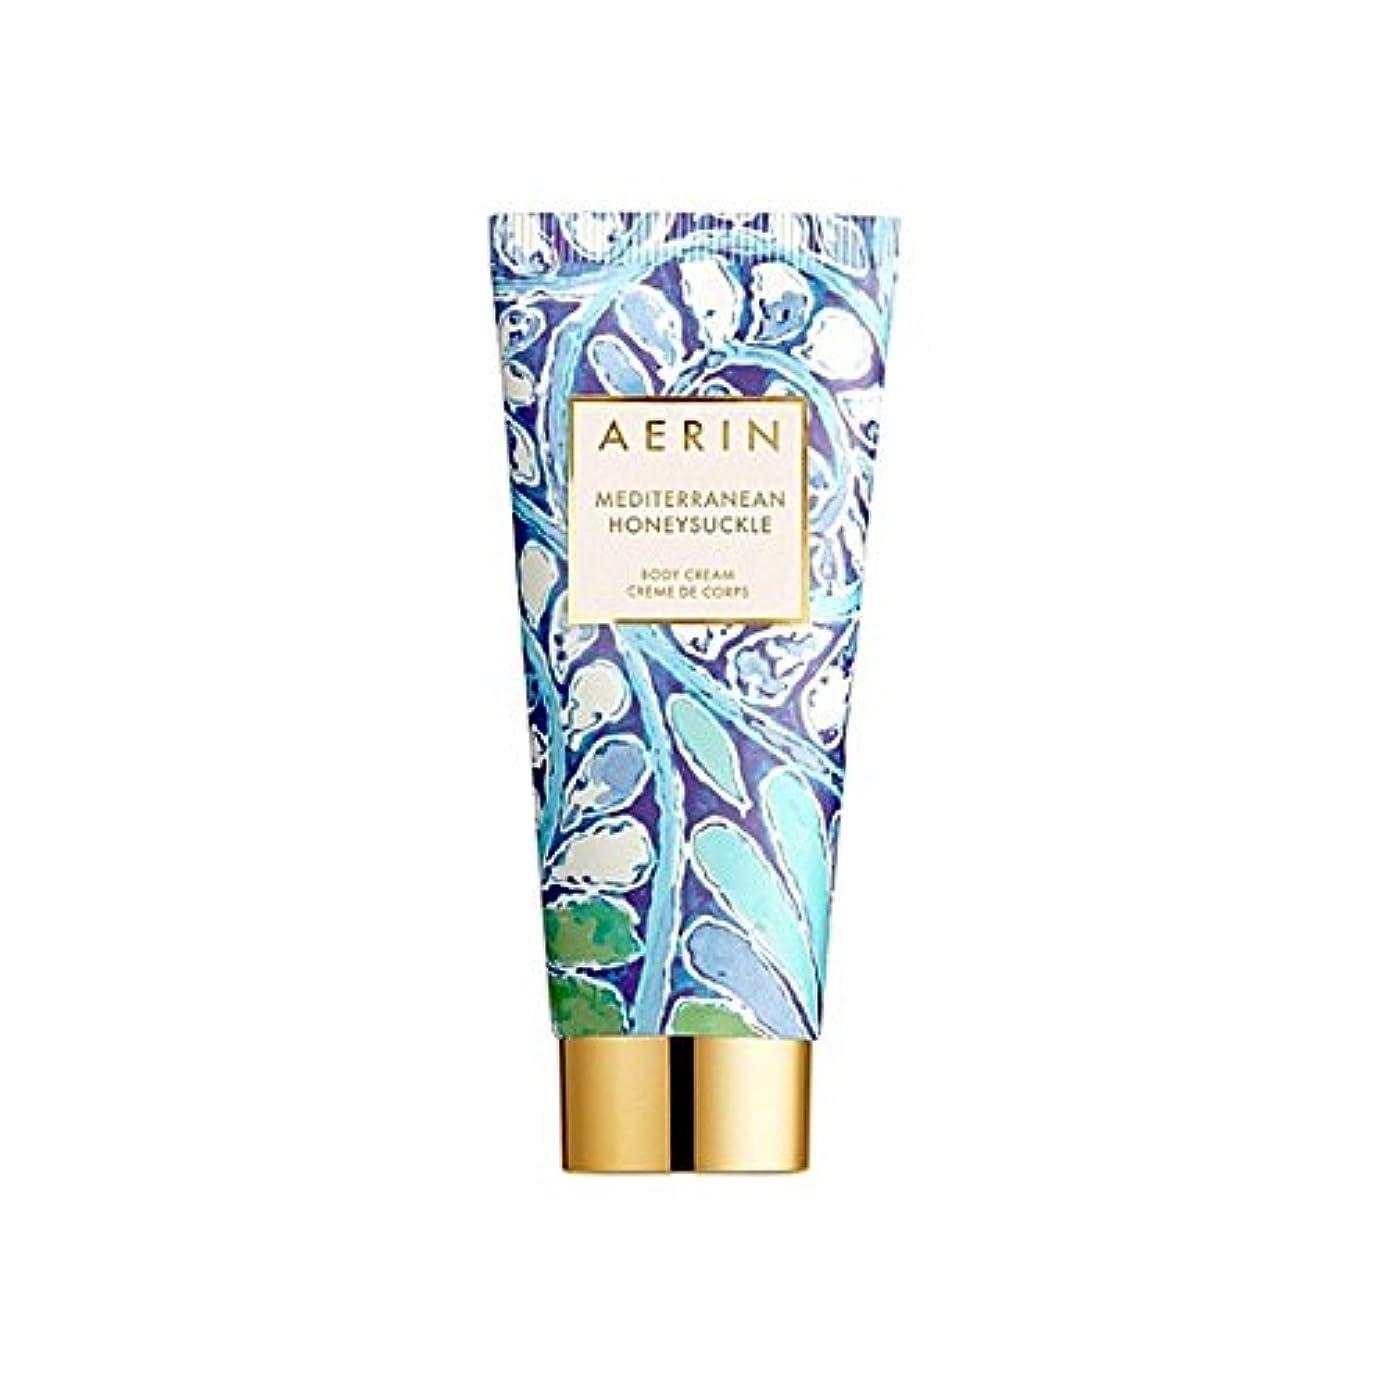 帆一人で変更可能スイカズラボディクリーム150ミリリットル x4 - Aerin Mediterrenean Honeysuckle Body Cream 150ml (Pack of 4) [並行輸入品]